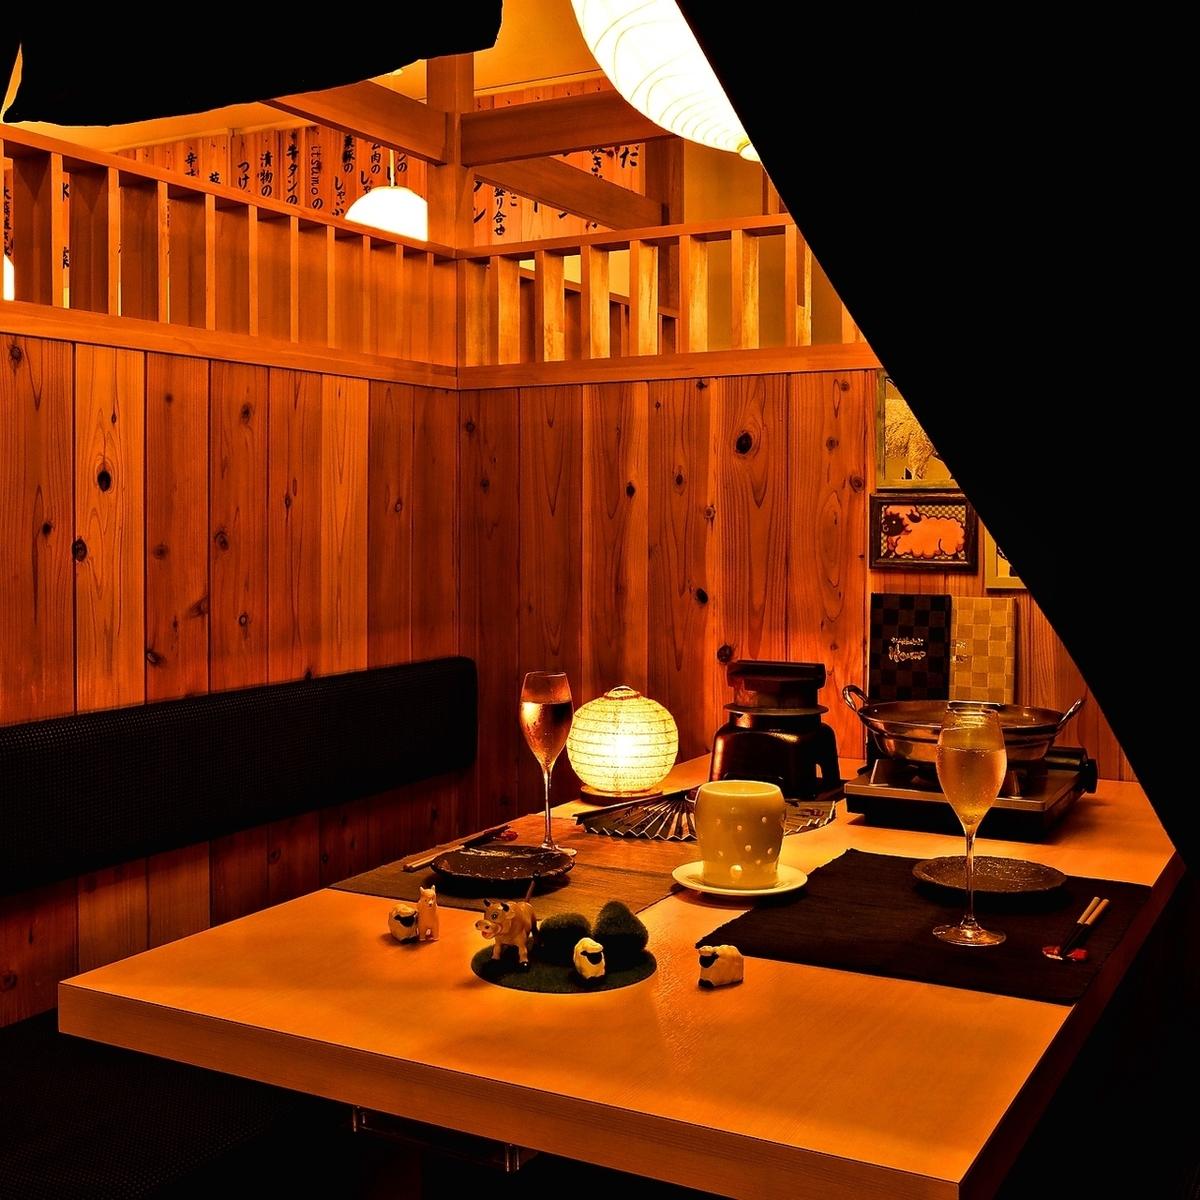 個人房間充滿了私人感覺!它非常適合約會以及生日和女孩社團♪